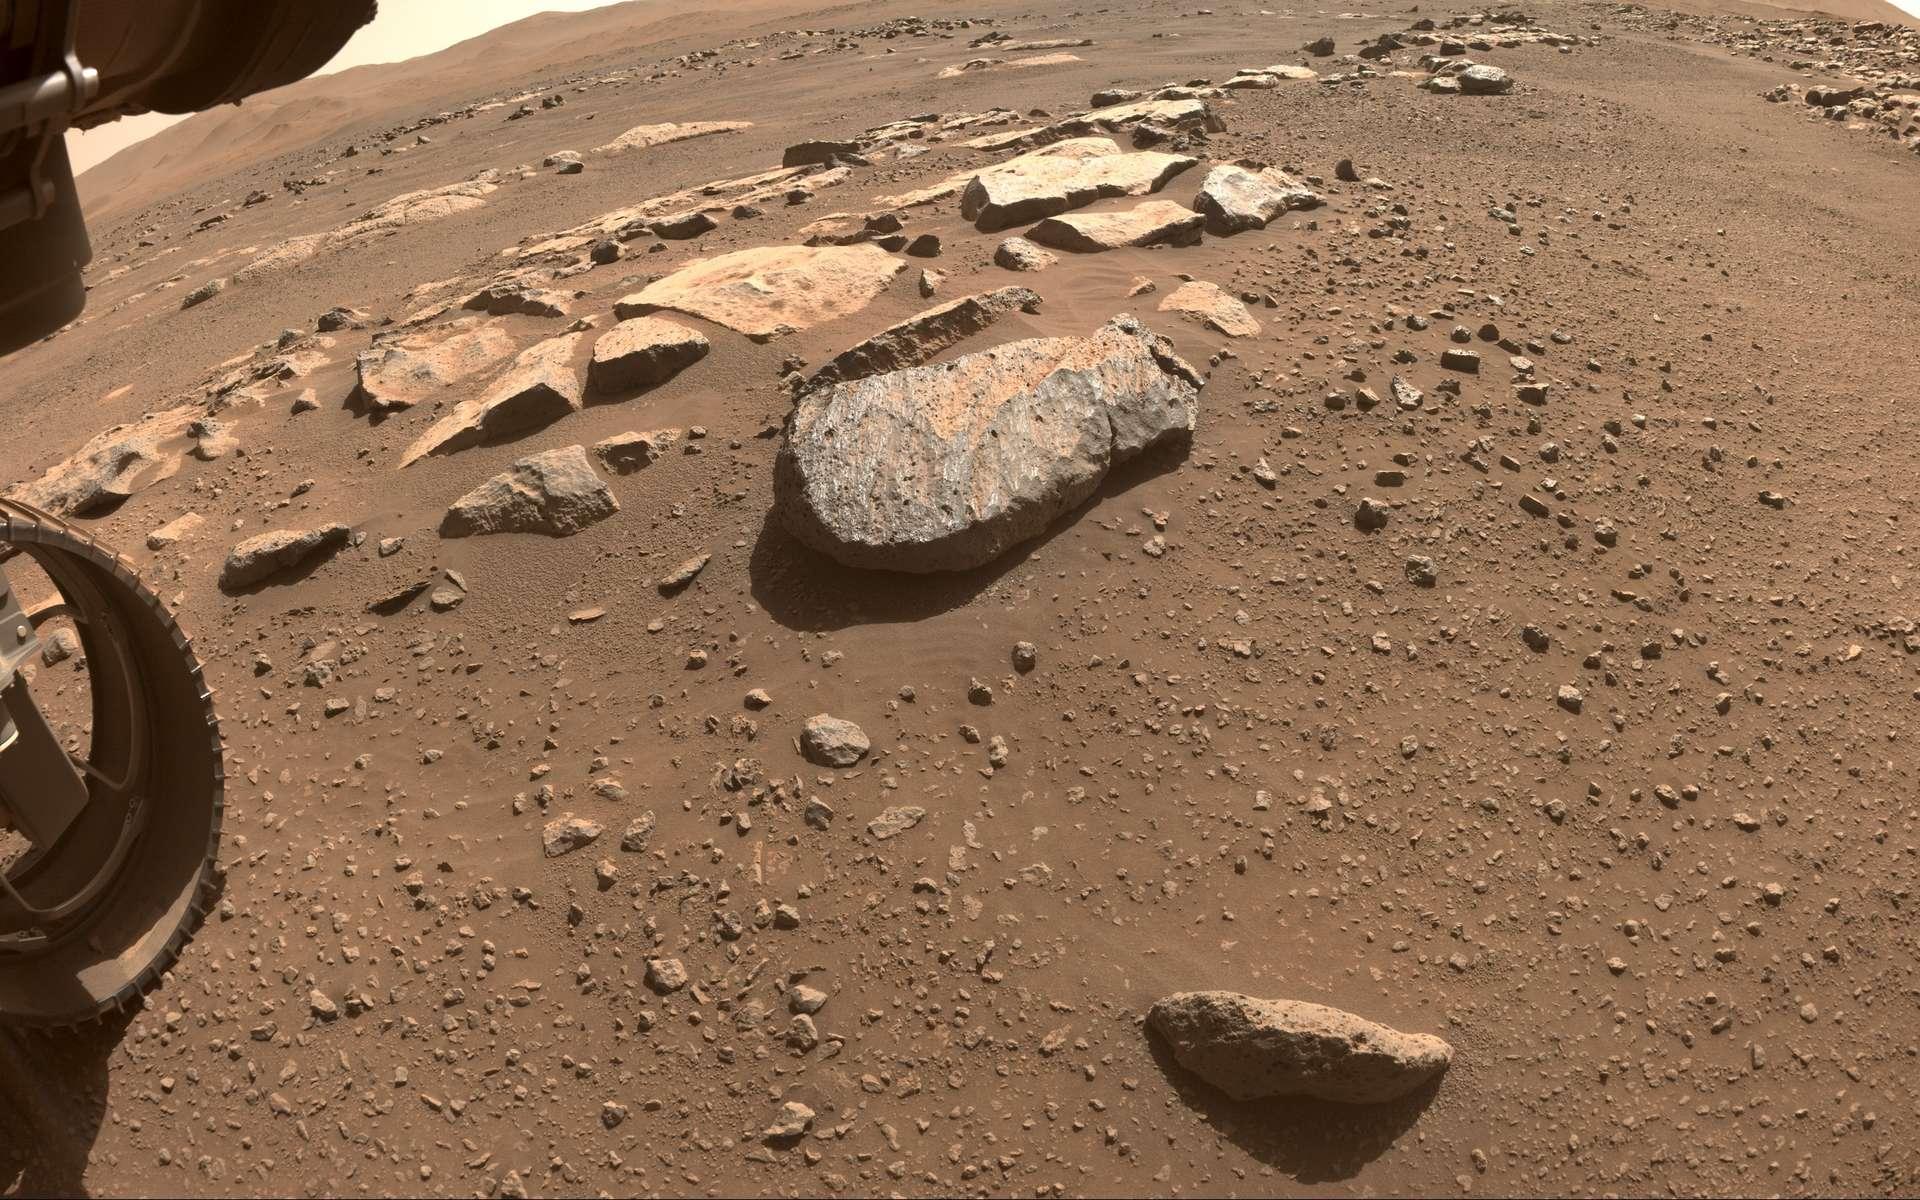 Le rocher « Rochette » photographié par l'une des Hazard Camera frontales, le 26 août, avant le forage de Perseverance. © Nasa, JPL-Caltech